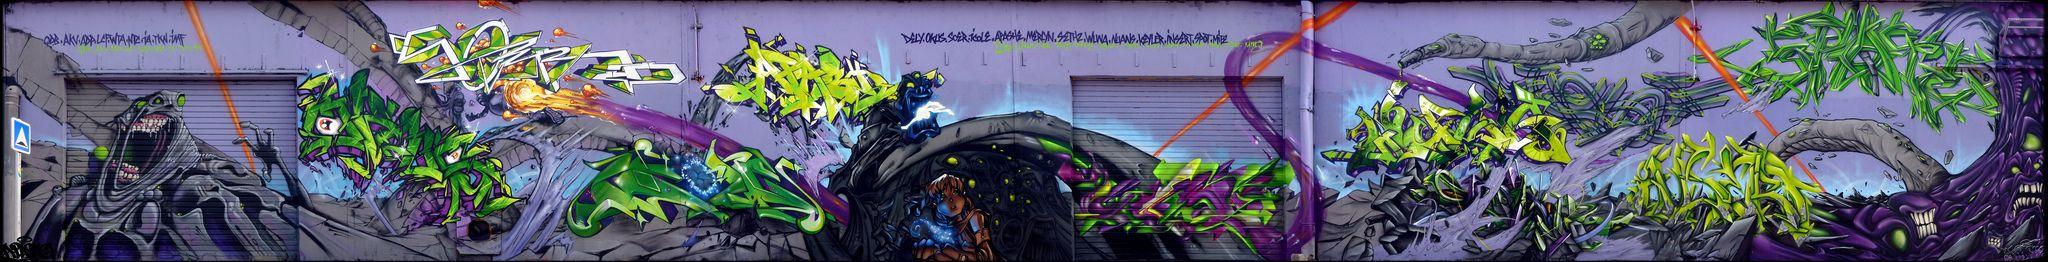 https://flic.kr/p/dcM21K | dely-okus-soer-icole-apashe-merlyn-seth2-wuna-nuans-keyler-insert-spote-mite | TOULOUSE (FR) 2011  www.apashoner.com